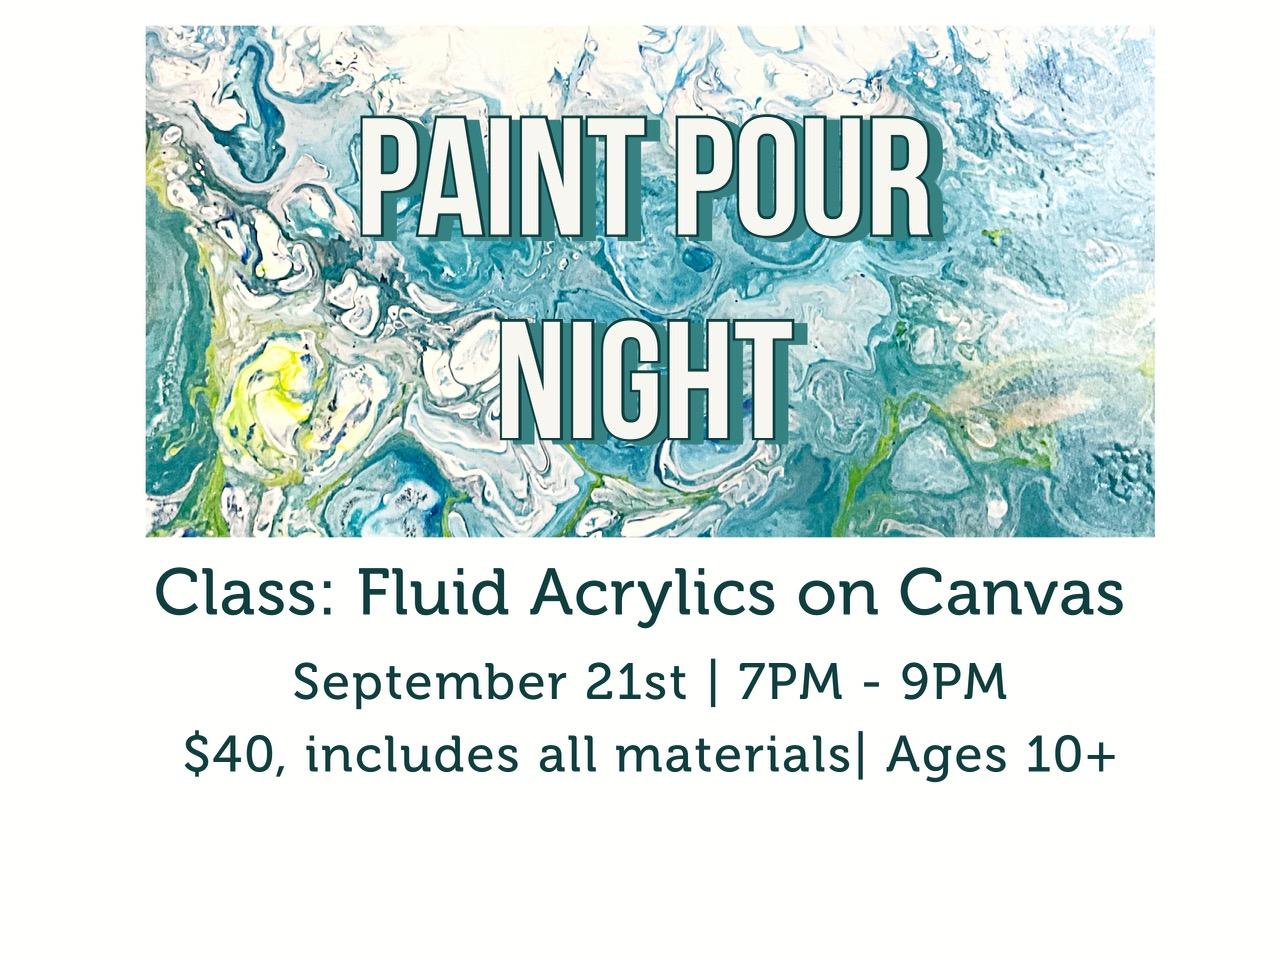 Paint Pour Night